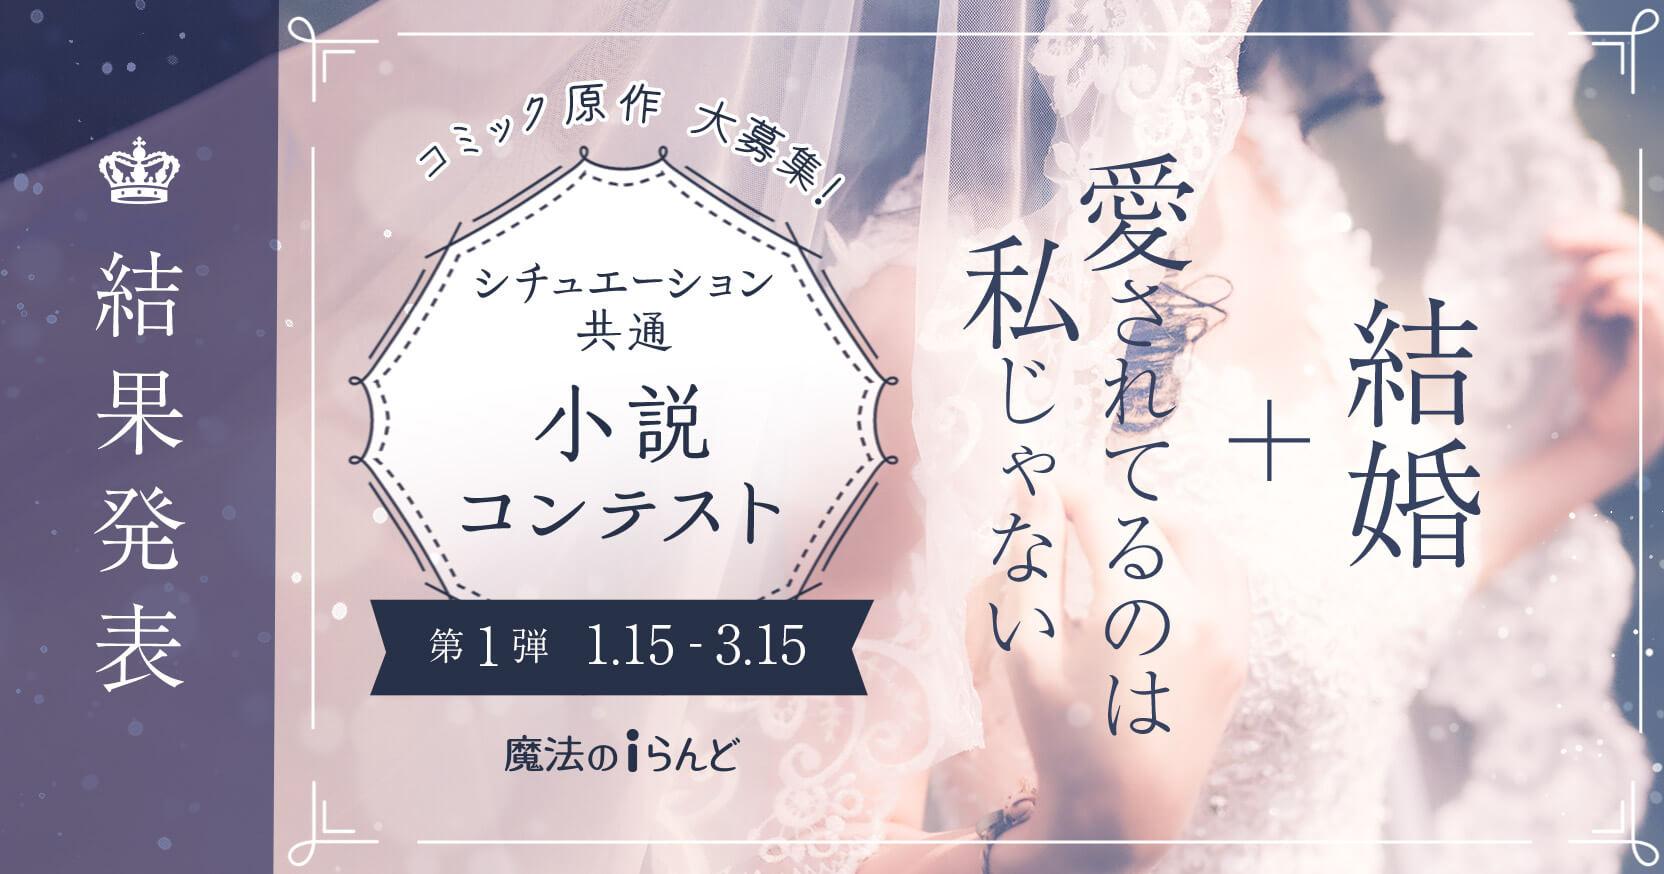 シチュエーション共通小説コンテスト 第1弾 結婚+愛されてるのは私じゃない 結果発表